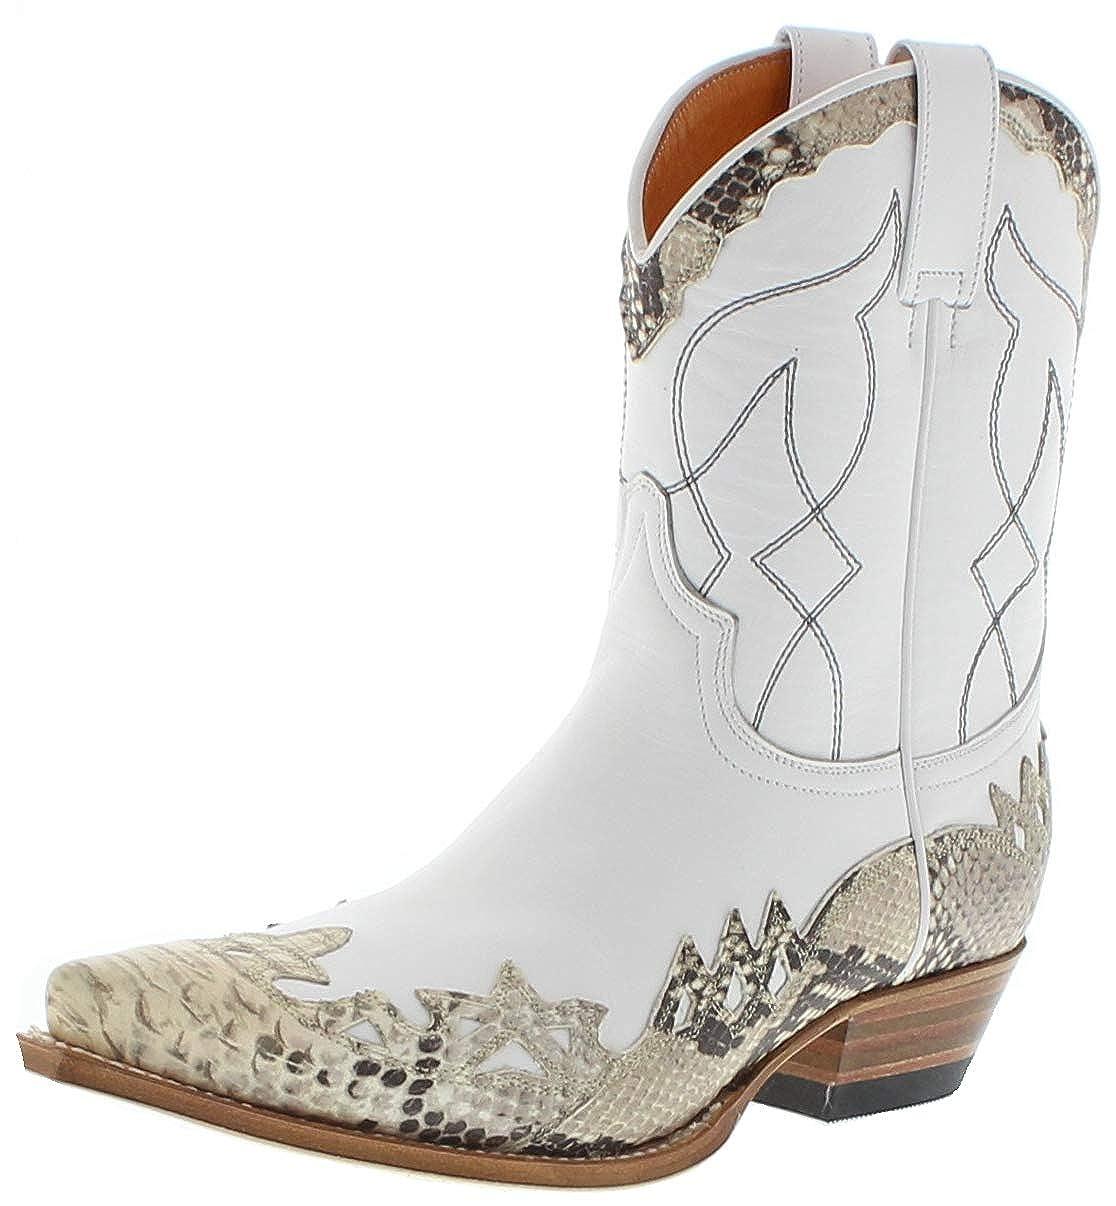 Circle G Boots Damen Cowboy Stiefel L5142 Black Westernstiefel Lederstiefel Schwarz